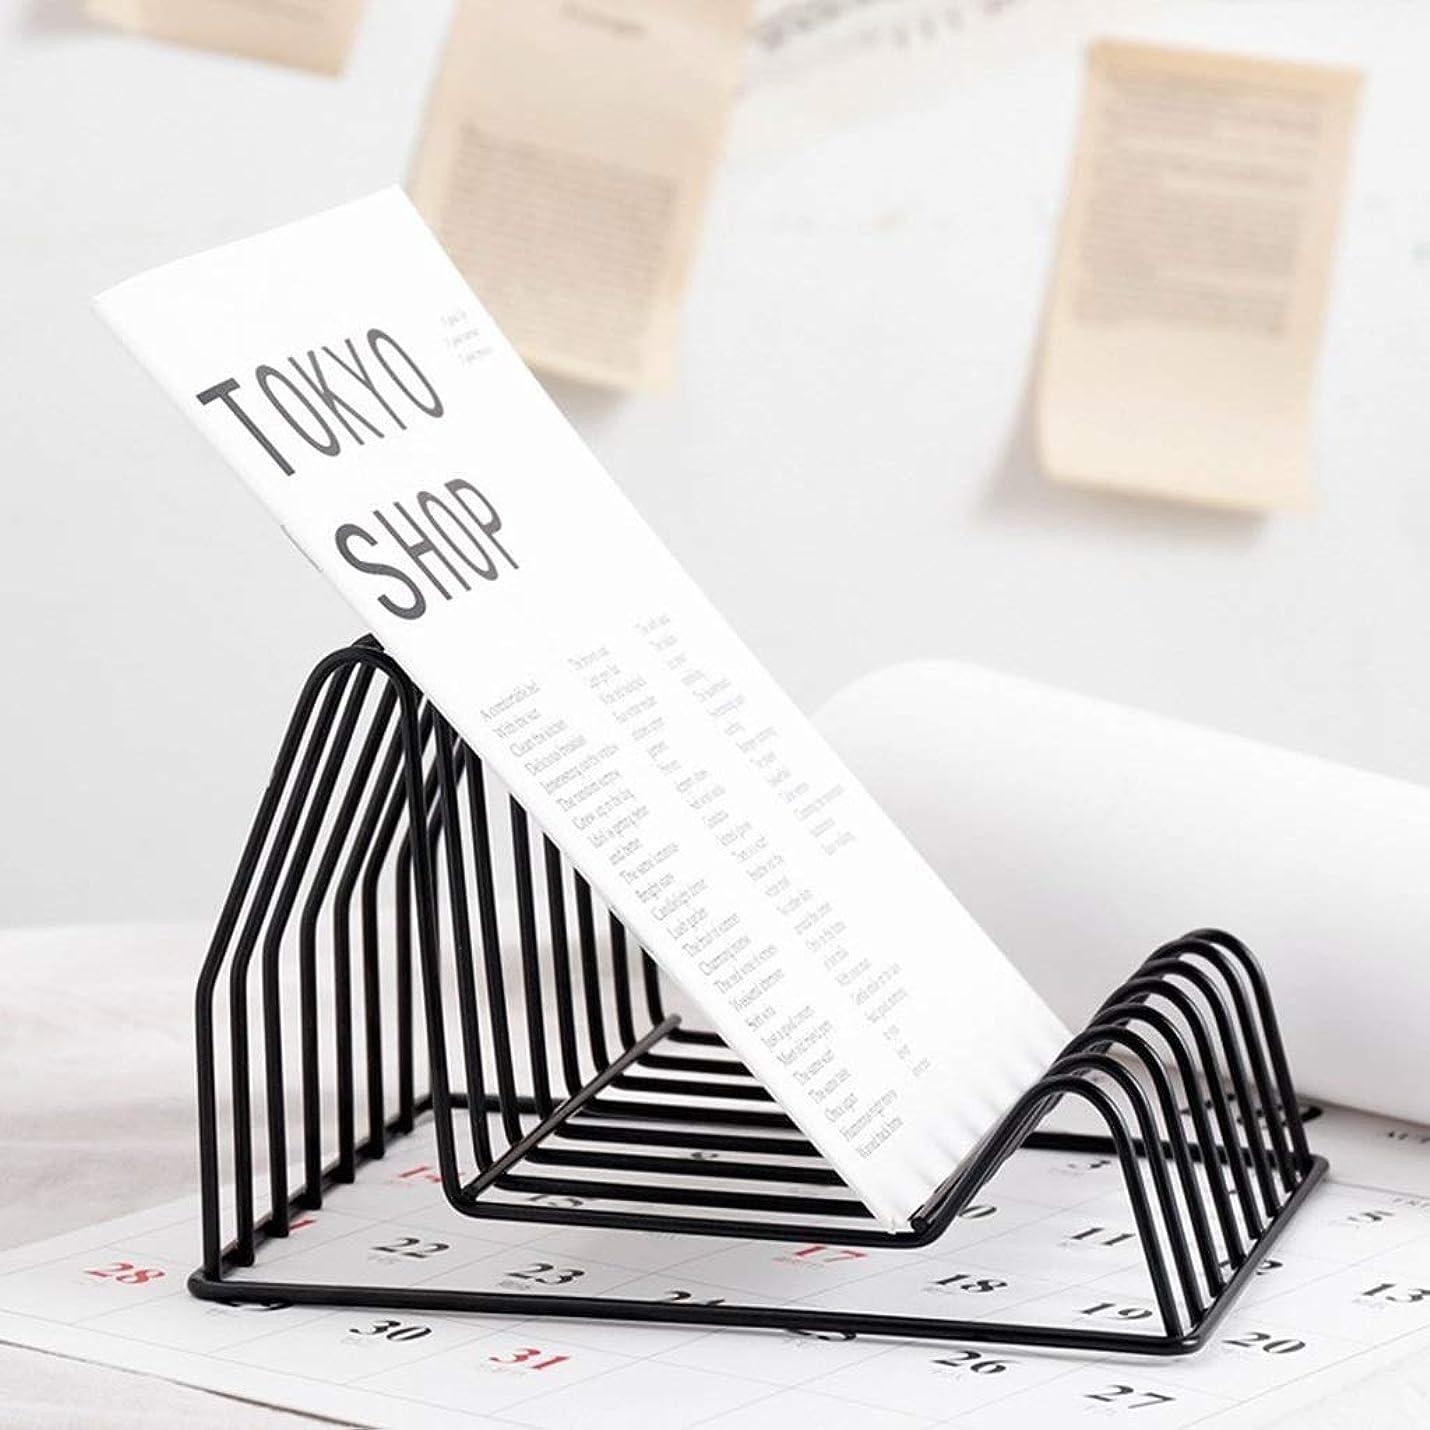 かける切手愛情深い北欧スタイル鍛造アイアントライアングルラックホームデスクトップマガジンラックブック新聞収納クリエイティブマガジンラック (色 : B)